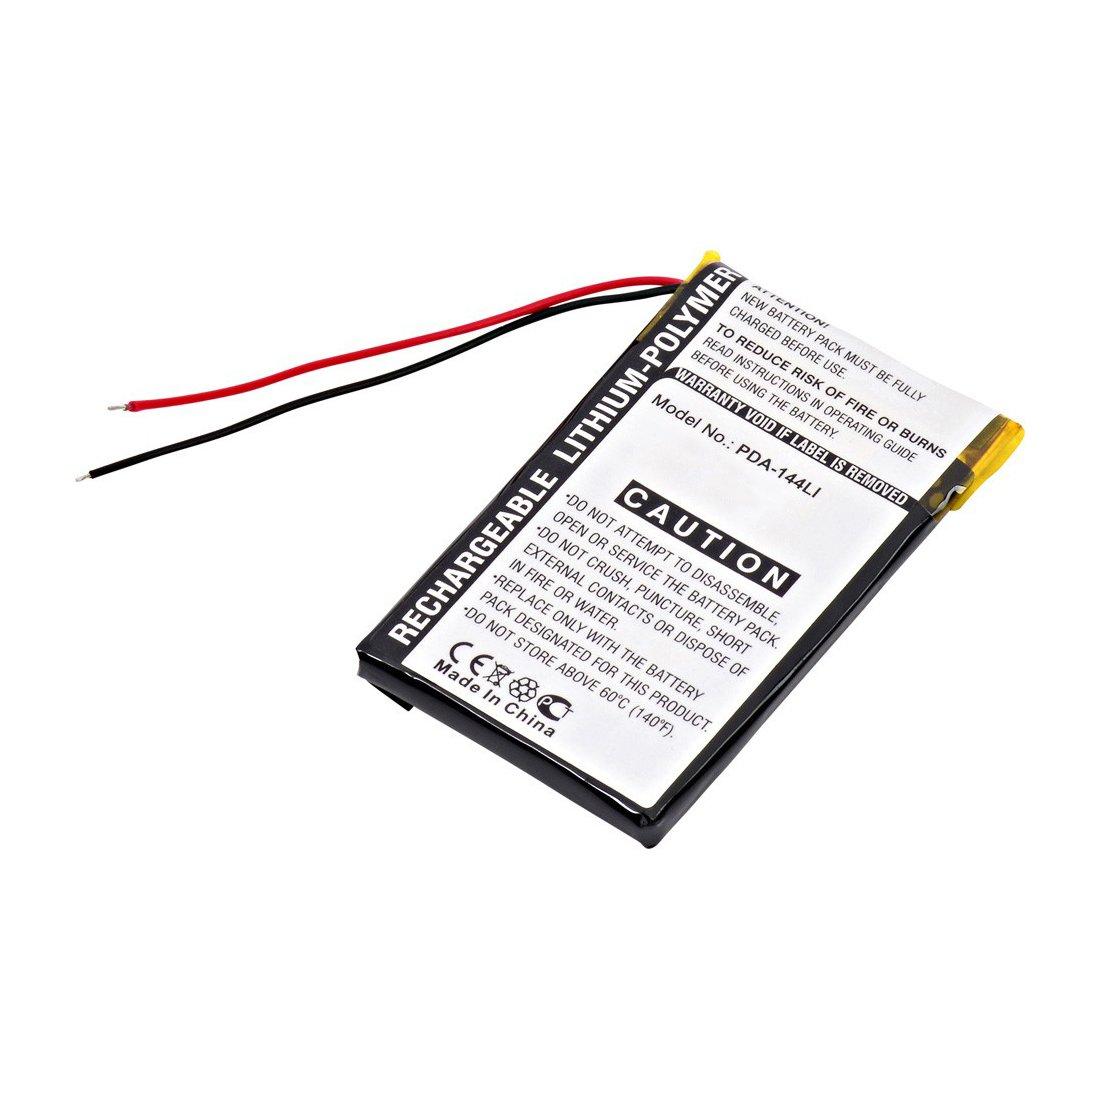 Palm TX, Tungsten T5, X PDA Battery: BatteryMart.com